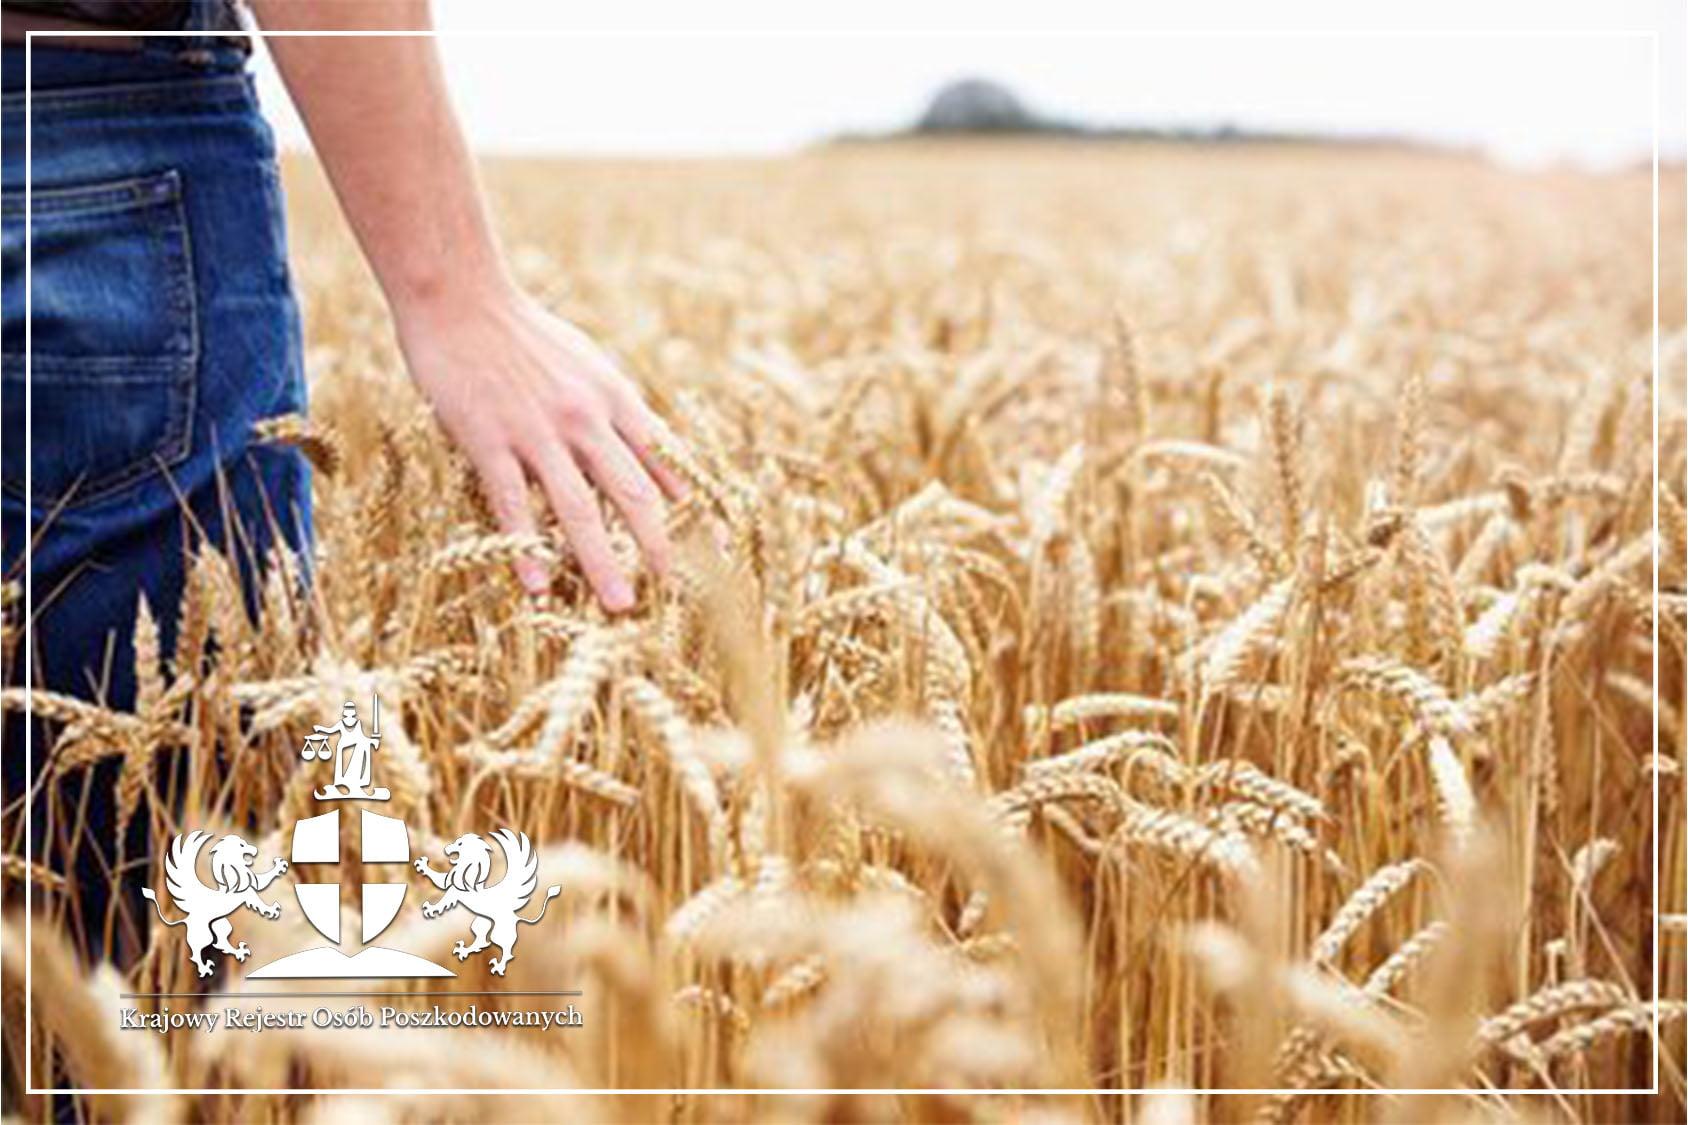 Wypadek rolnika w jego gospodarstwie – kto wypłaci odszkodowanie